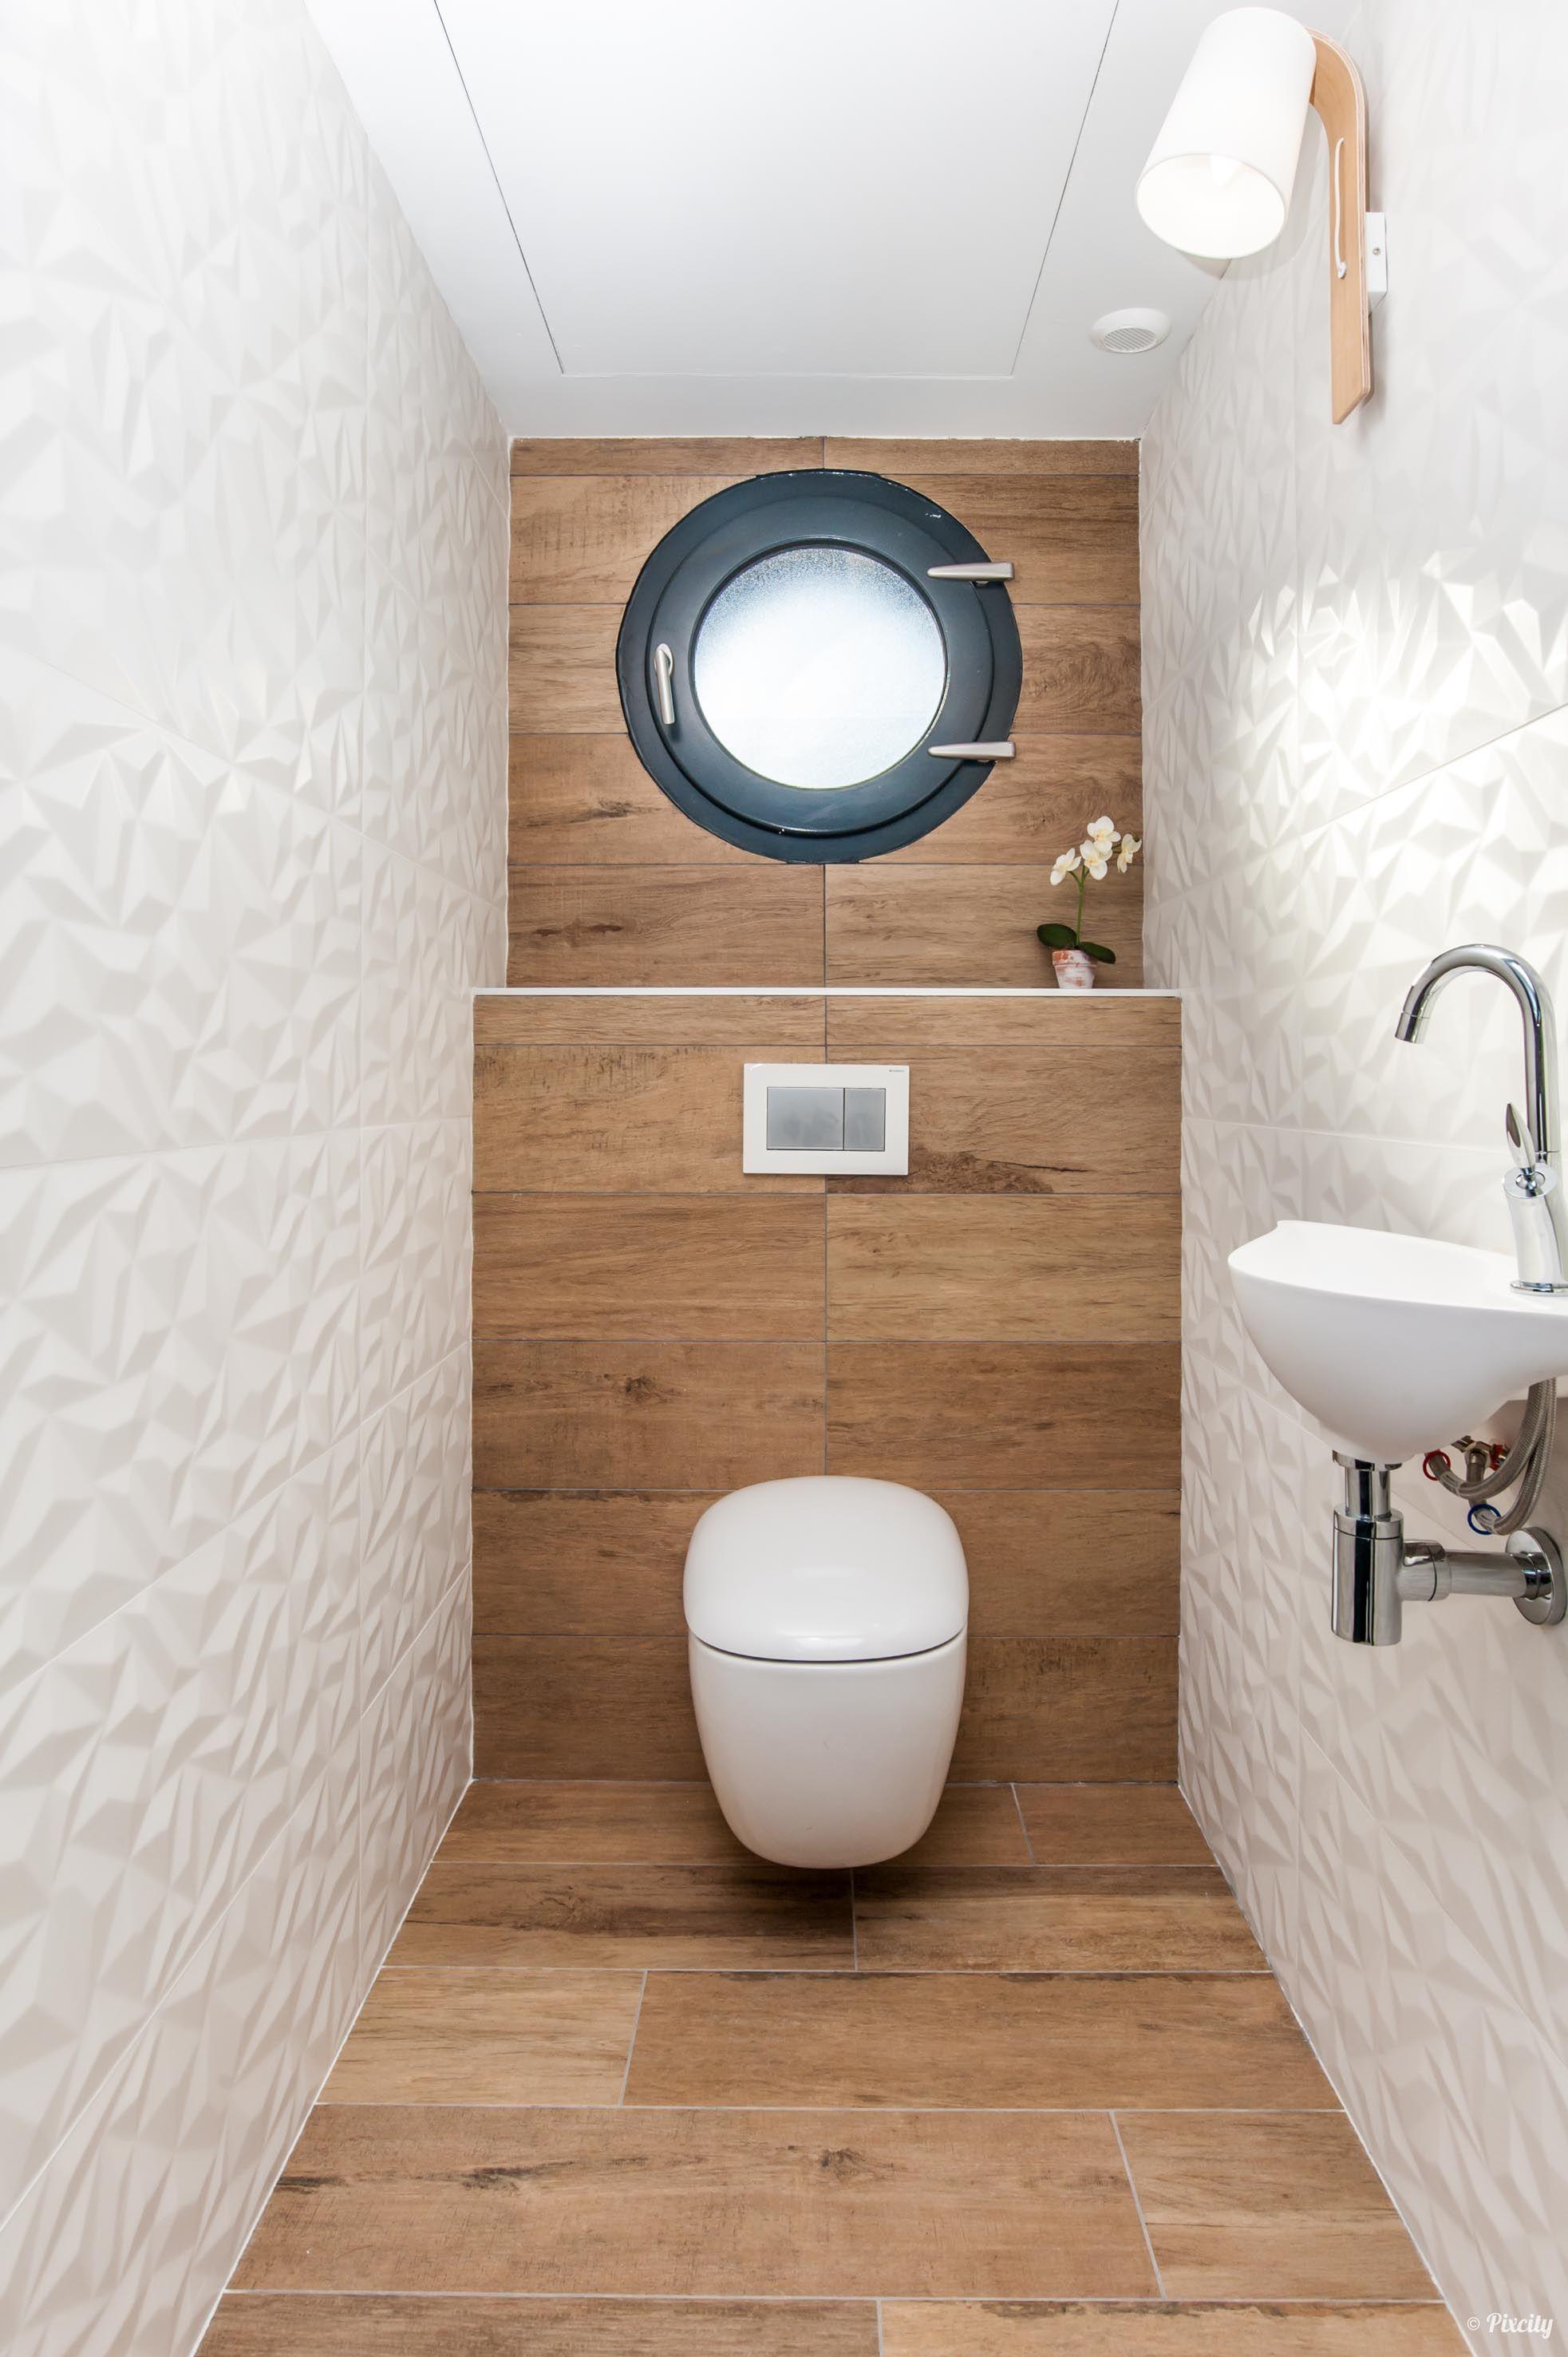 carrelage de wc - livraison-clenbuterol.fr